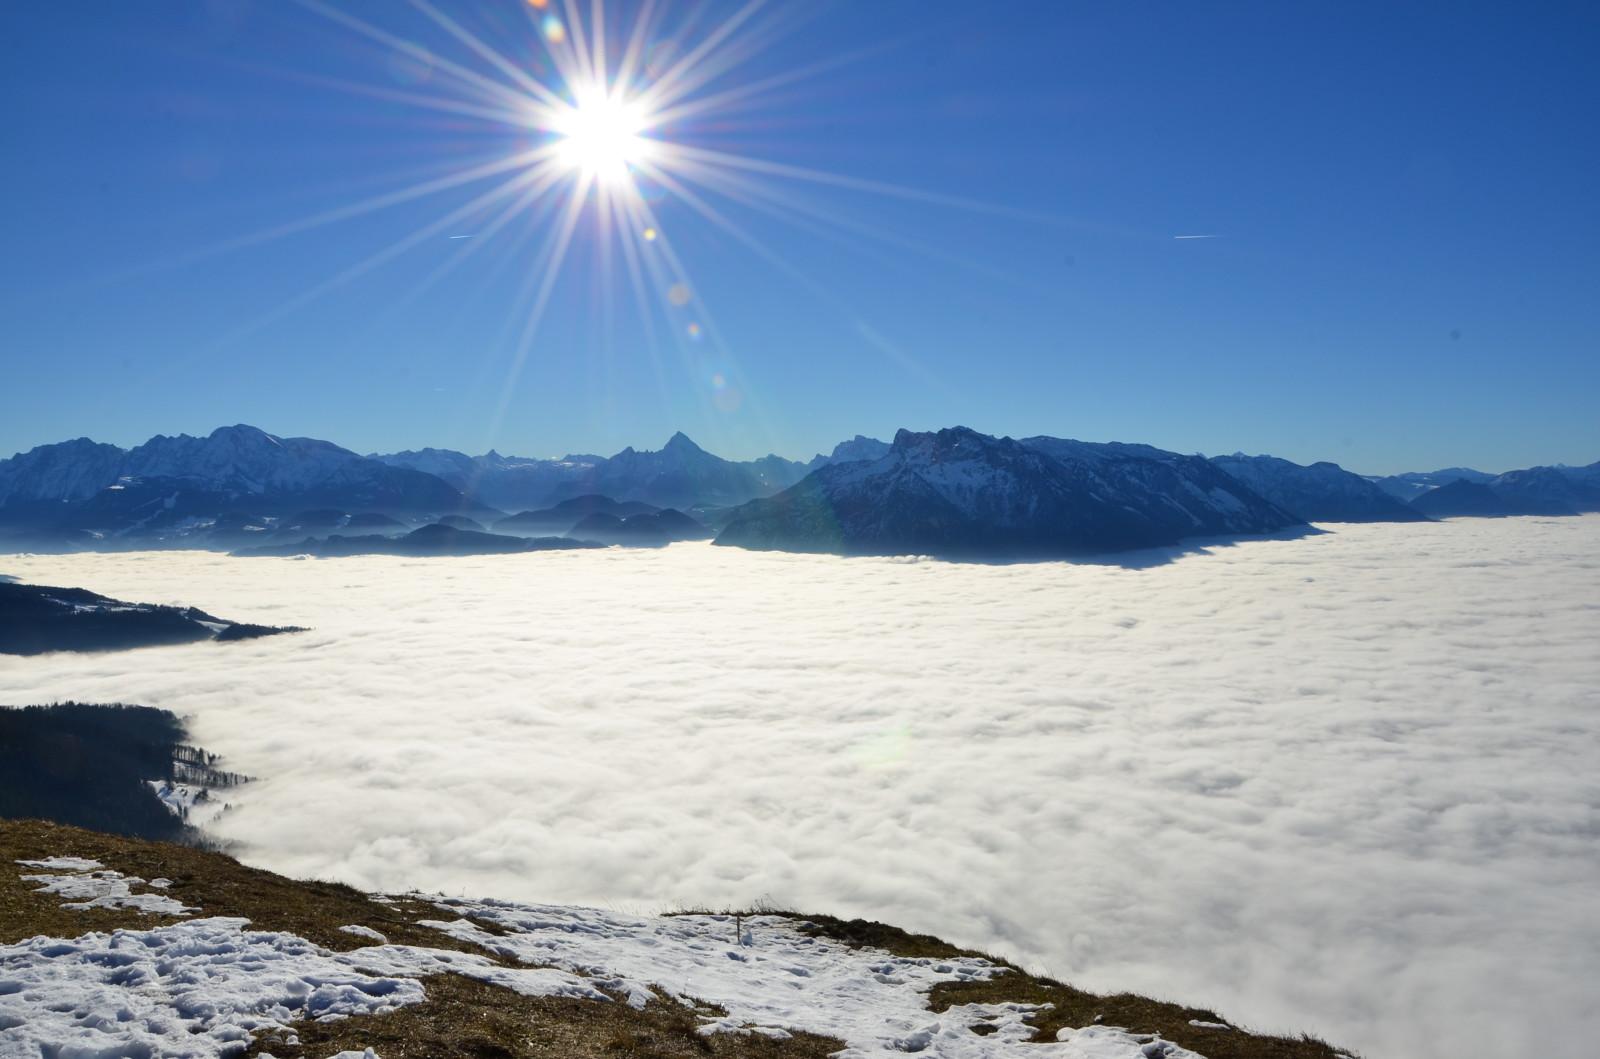 Nebel im Tal, Sonnenschein am Berg